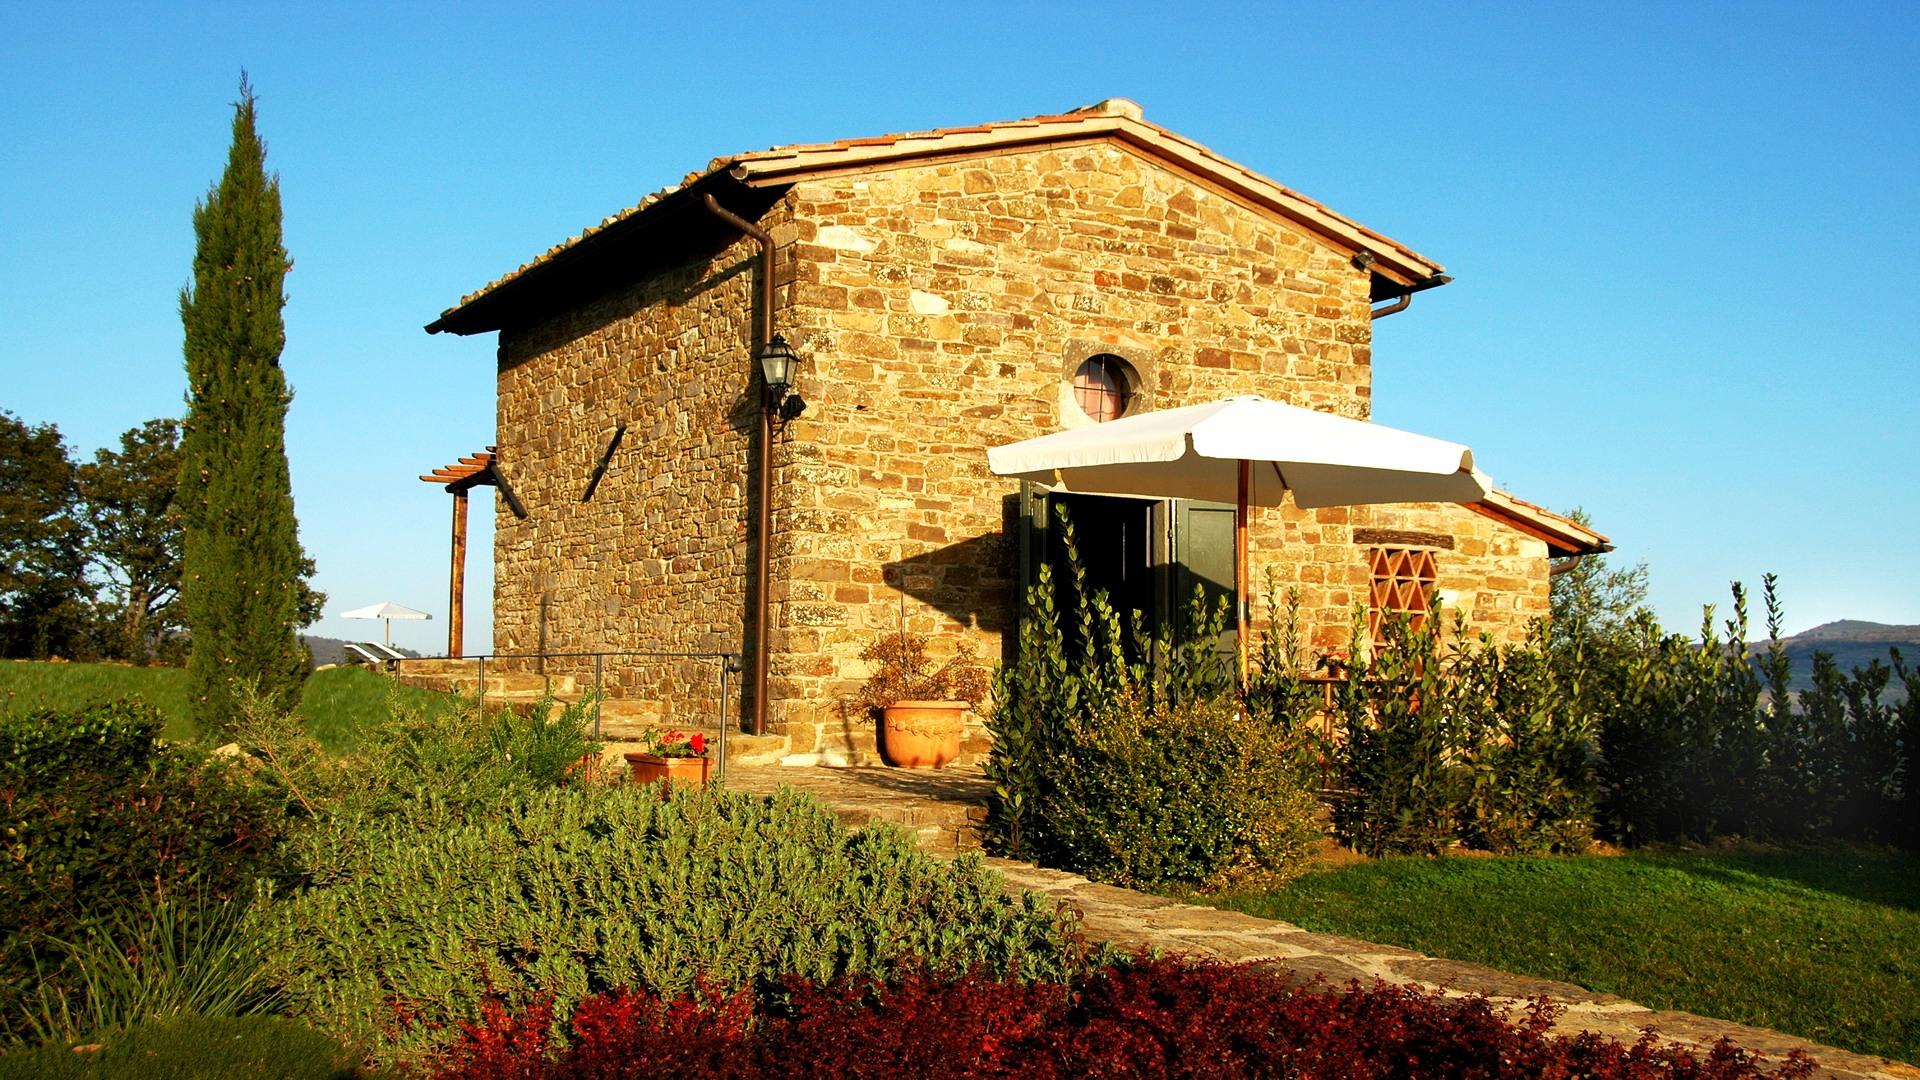 La Chiesetta Cottage Chianti Tuscany